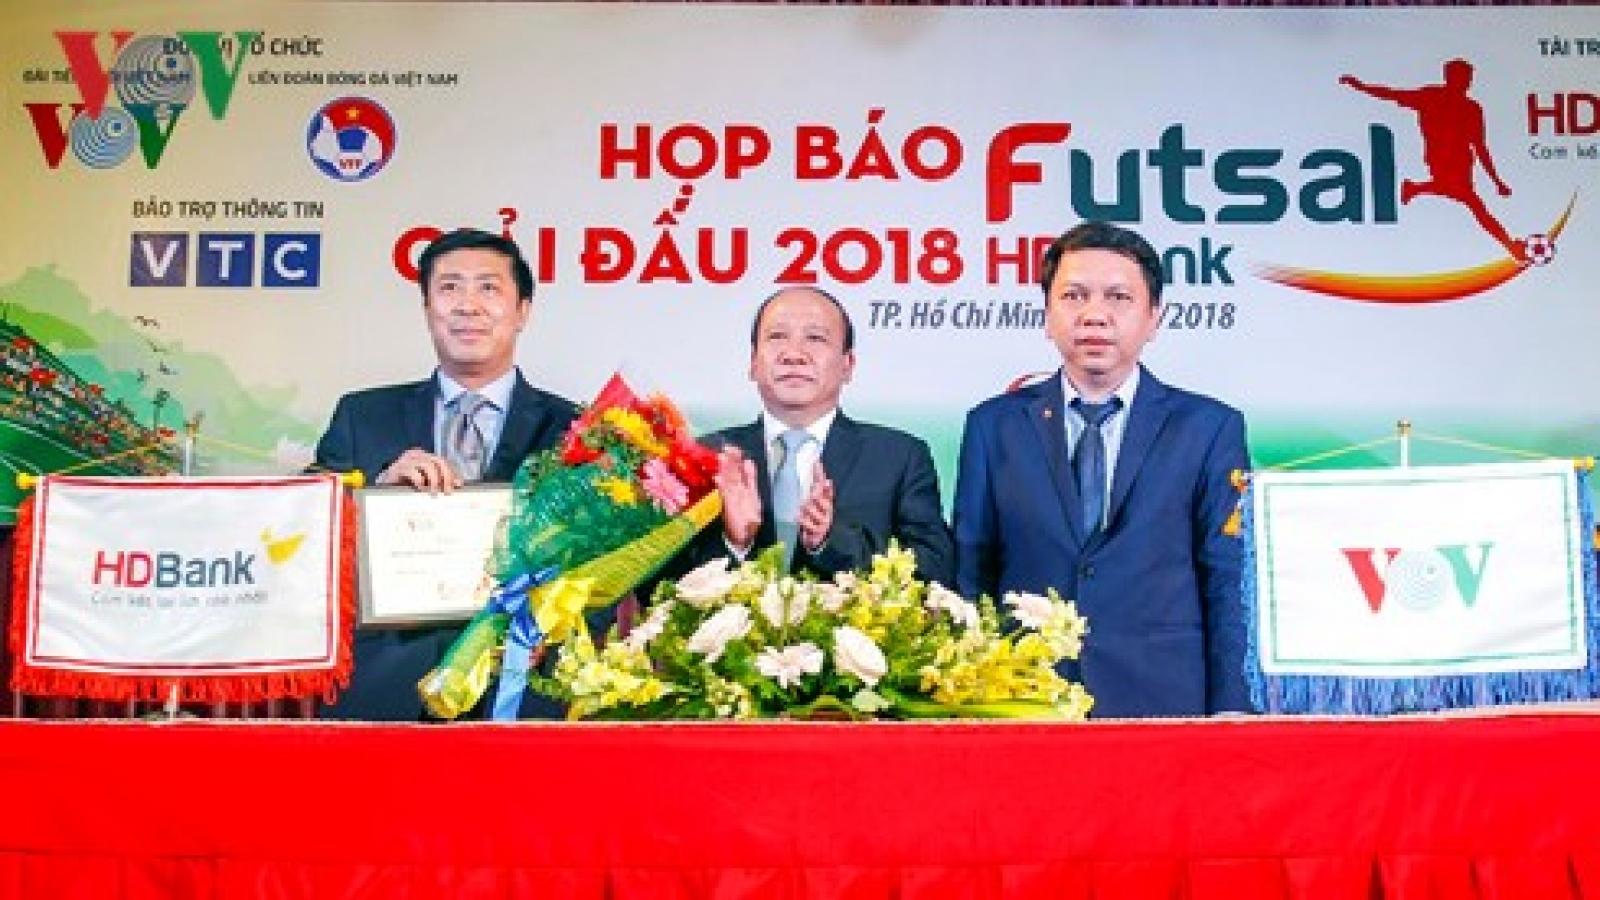 National Futsal HDBank Championship 2018 to kick off